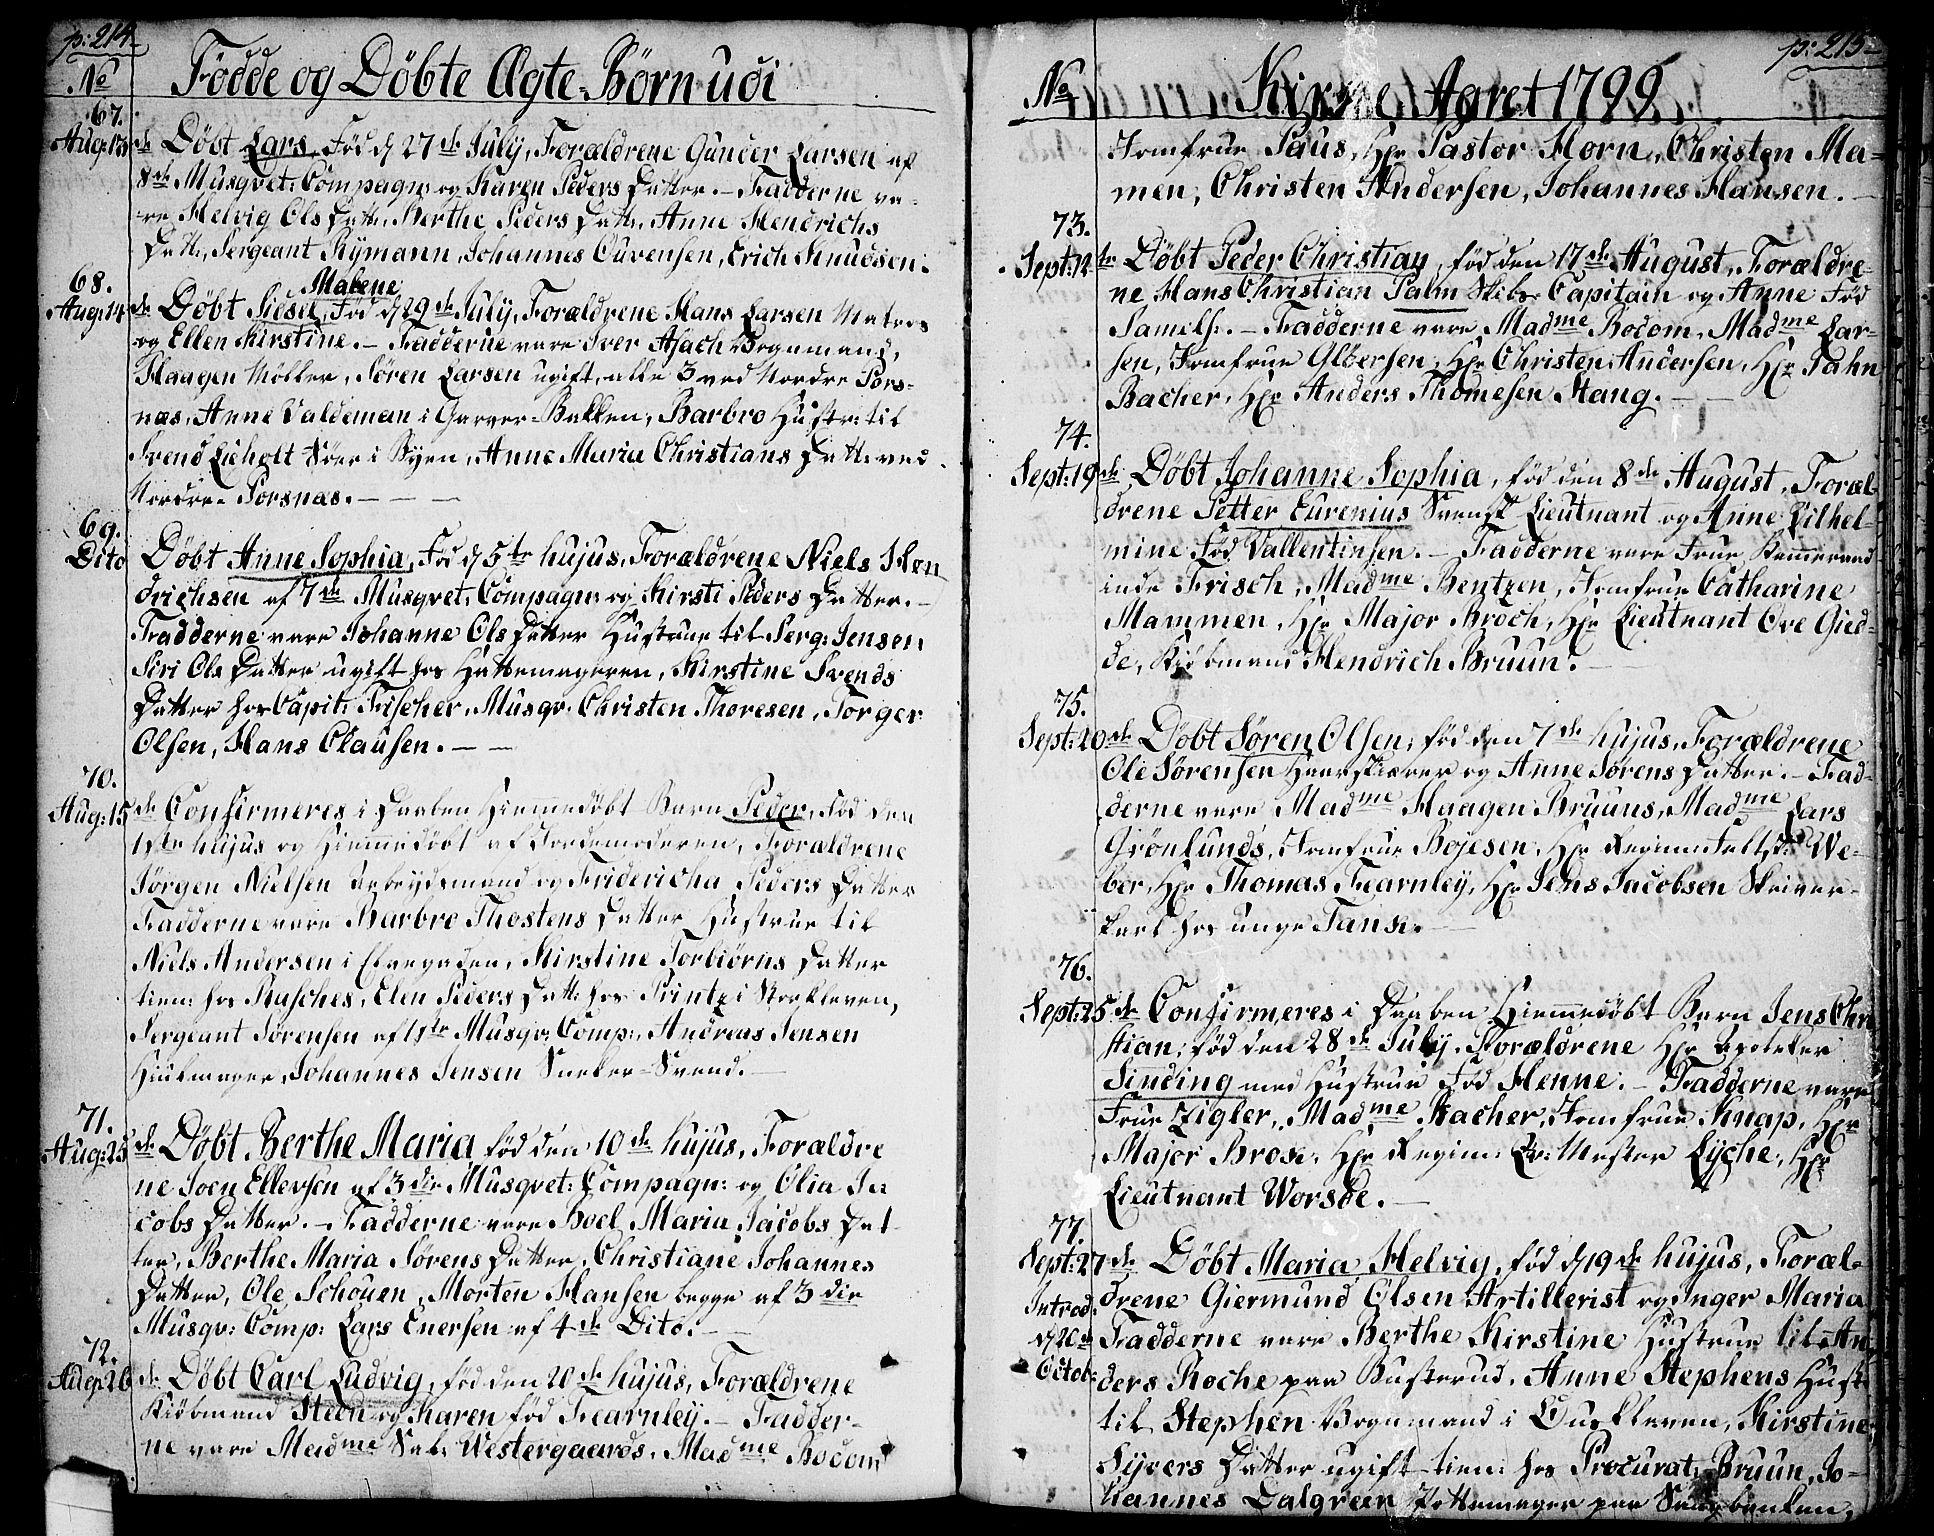 SAO, Halden prestekontor Kirkebøker, F/Fa/L0002: Ministerialbok nr. I 2, 1792-1812, s. 214-215